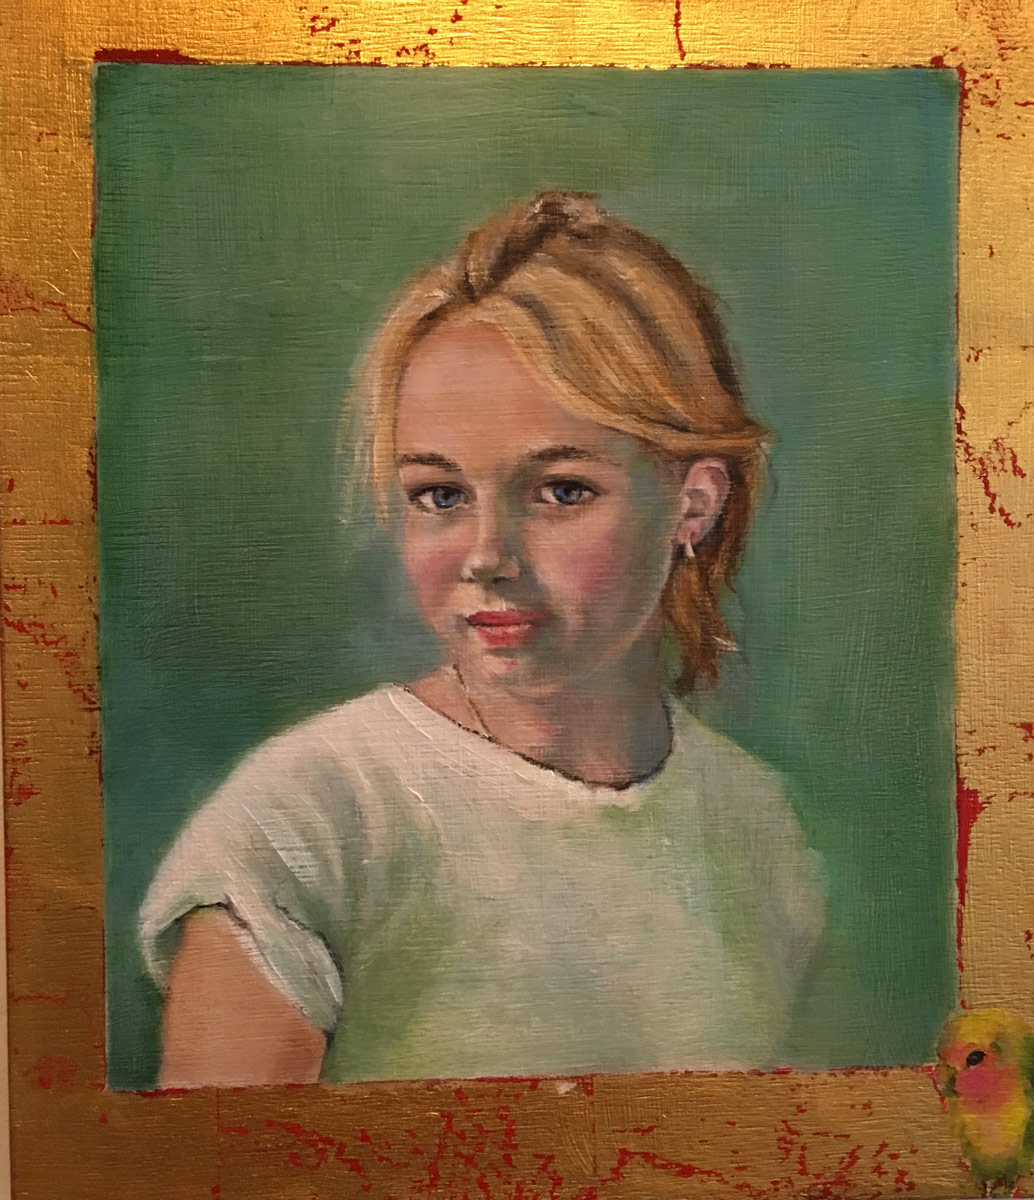 Portretten-09-1220px